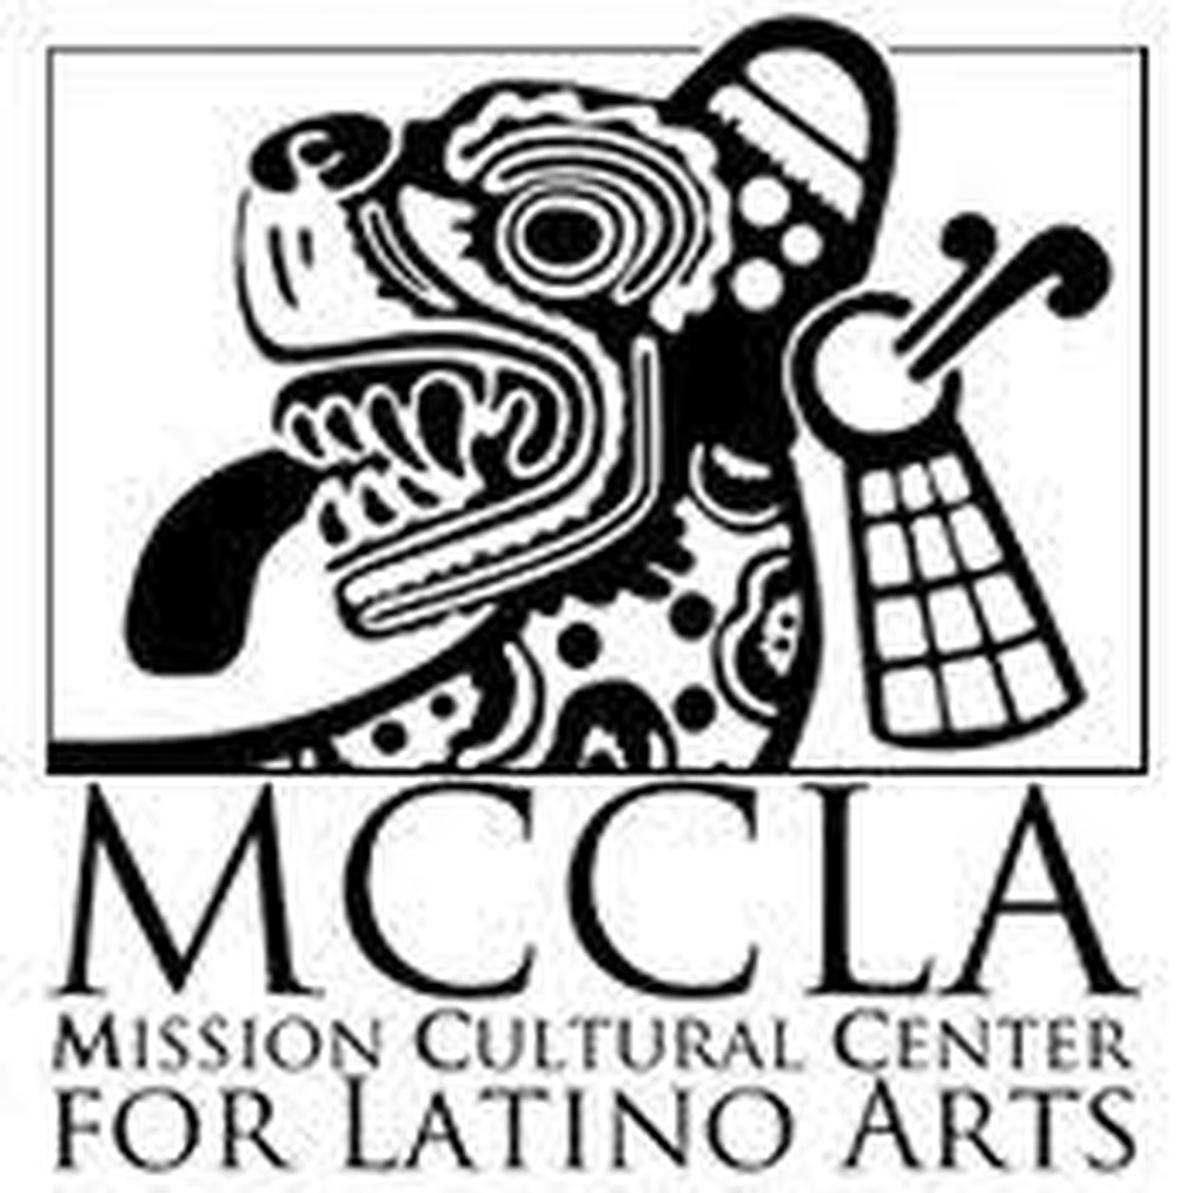 Mission Cultural Center for Latino Arts | Wiki | Everipedia